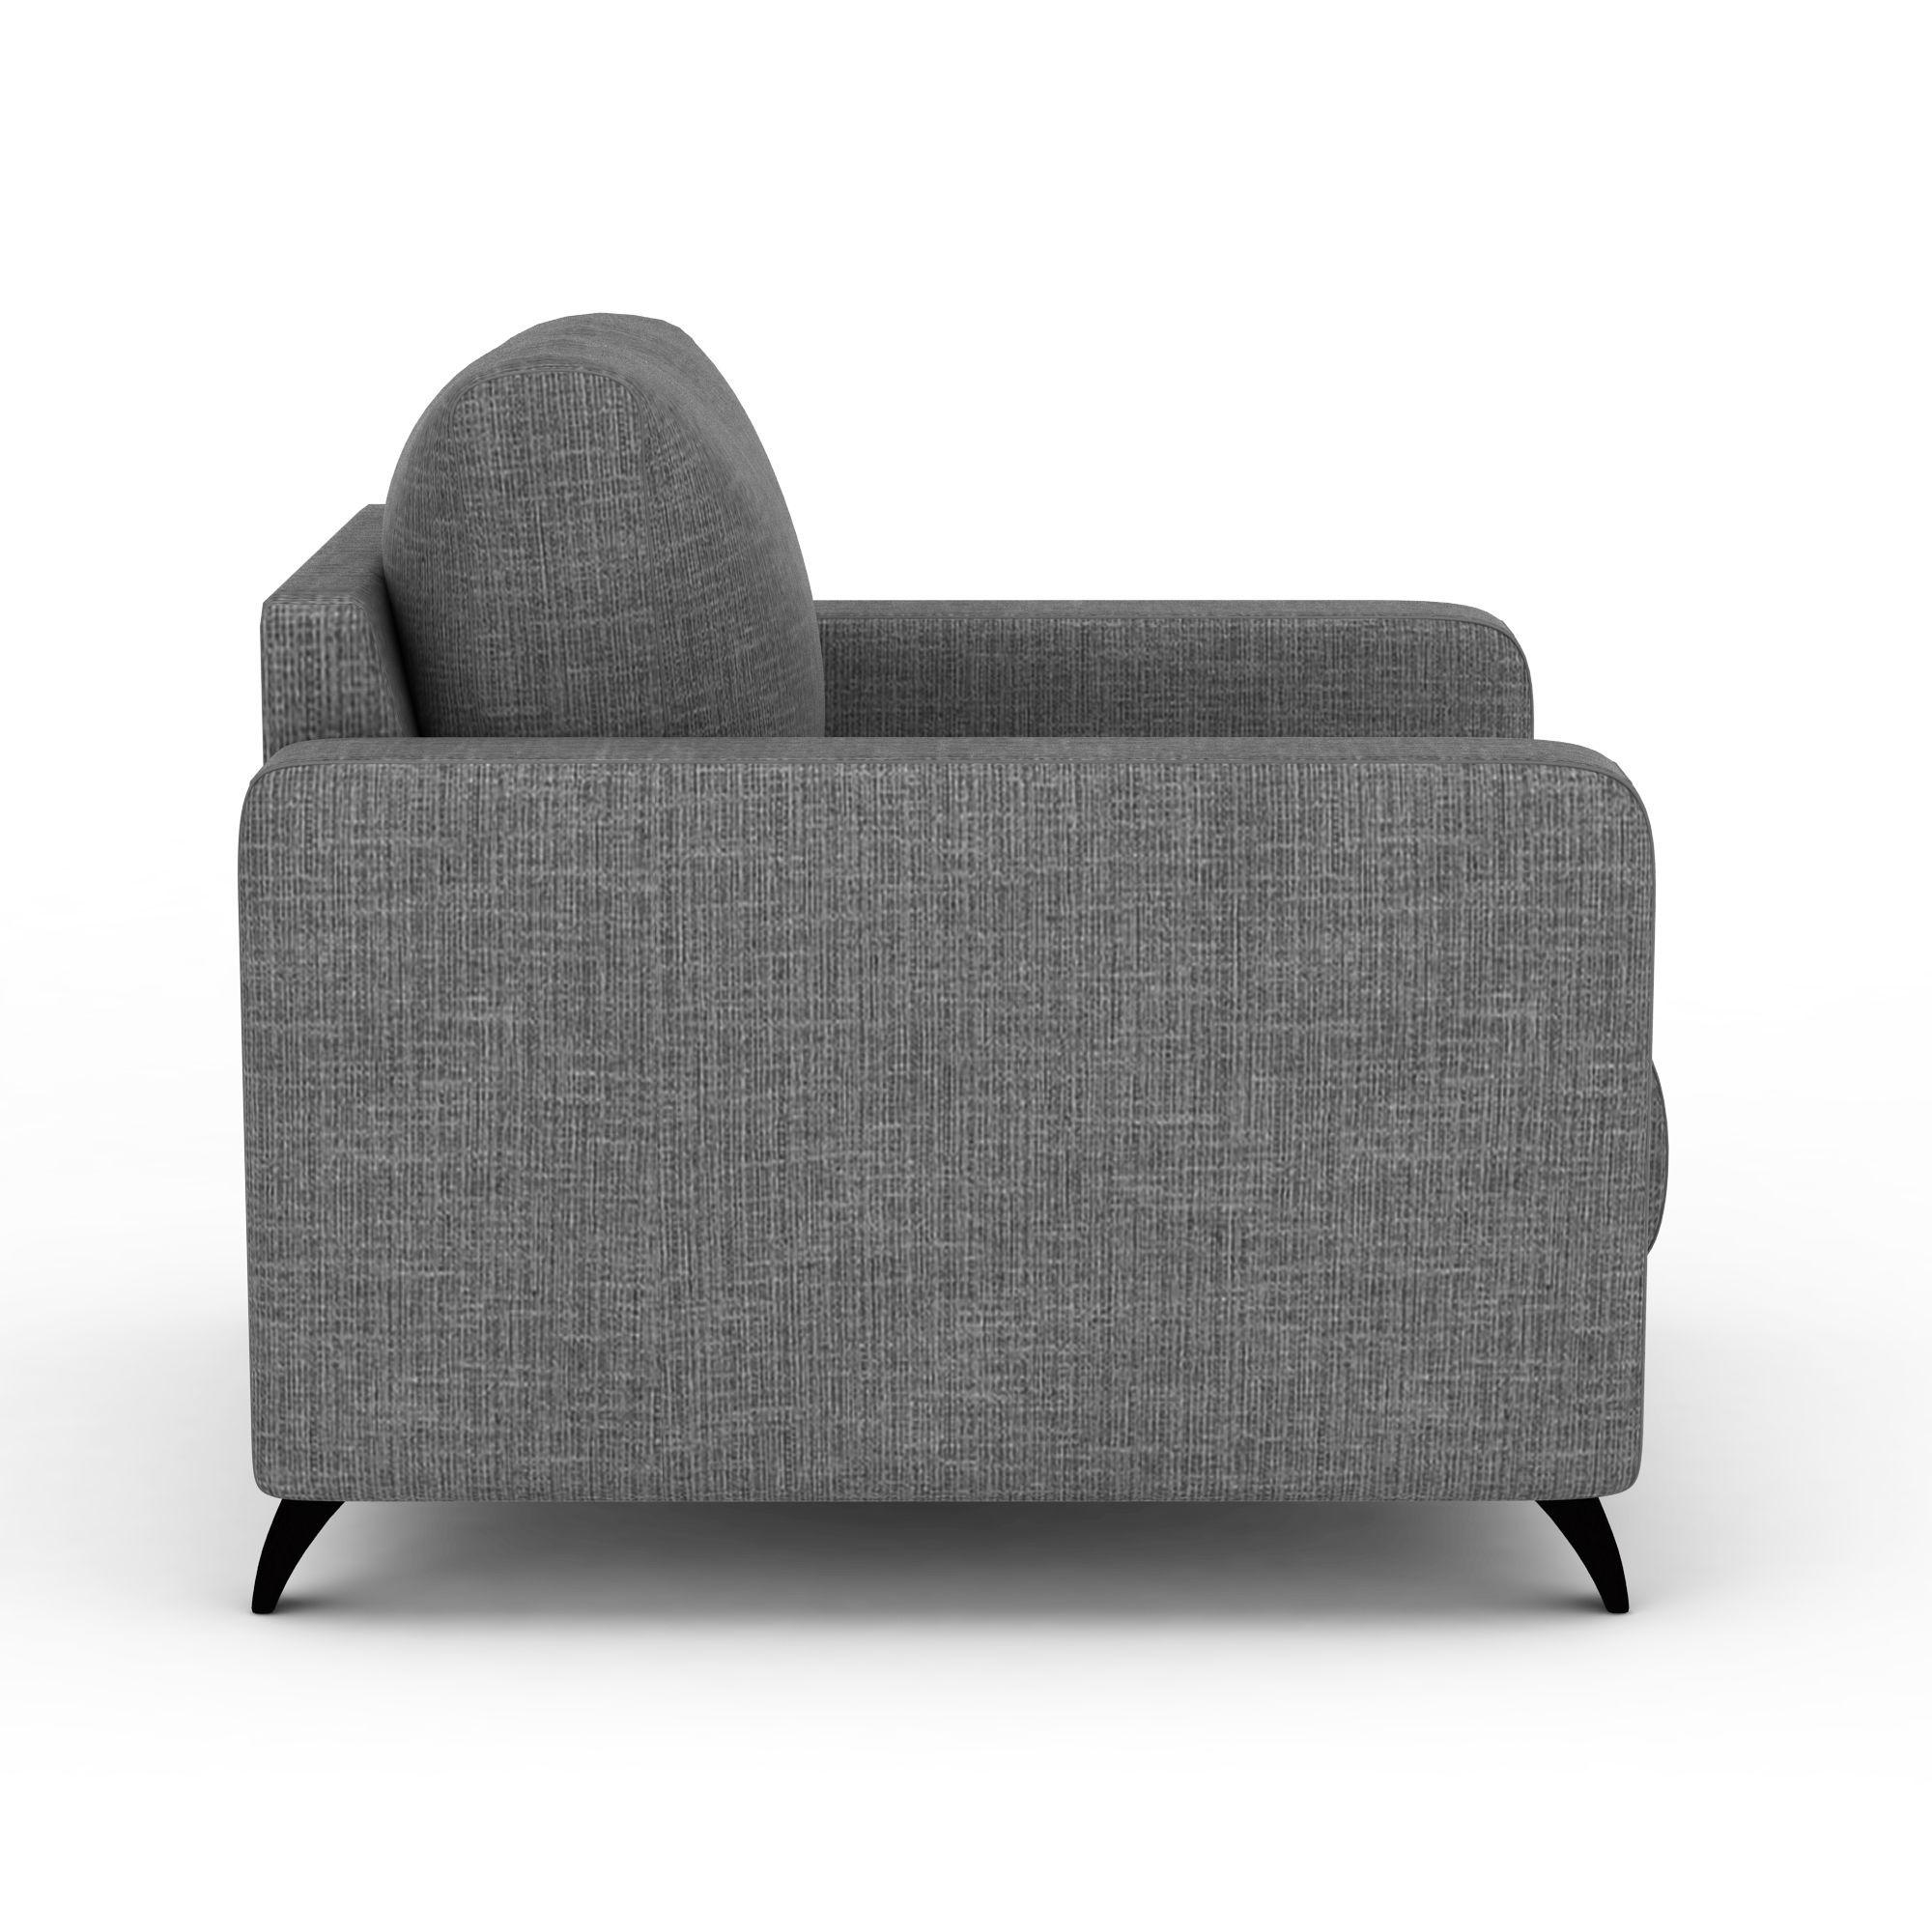 灰色质感沙发高清图下载